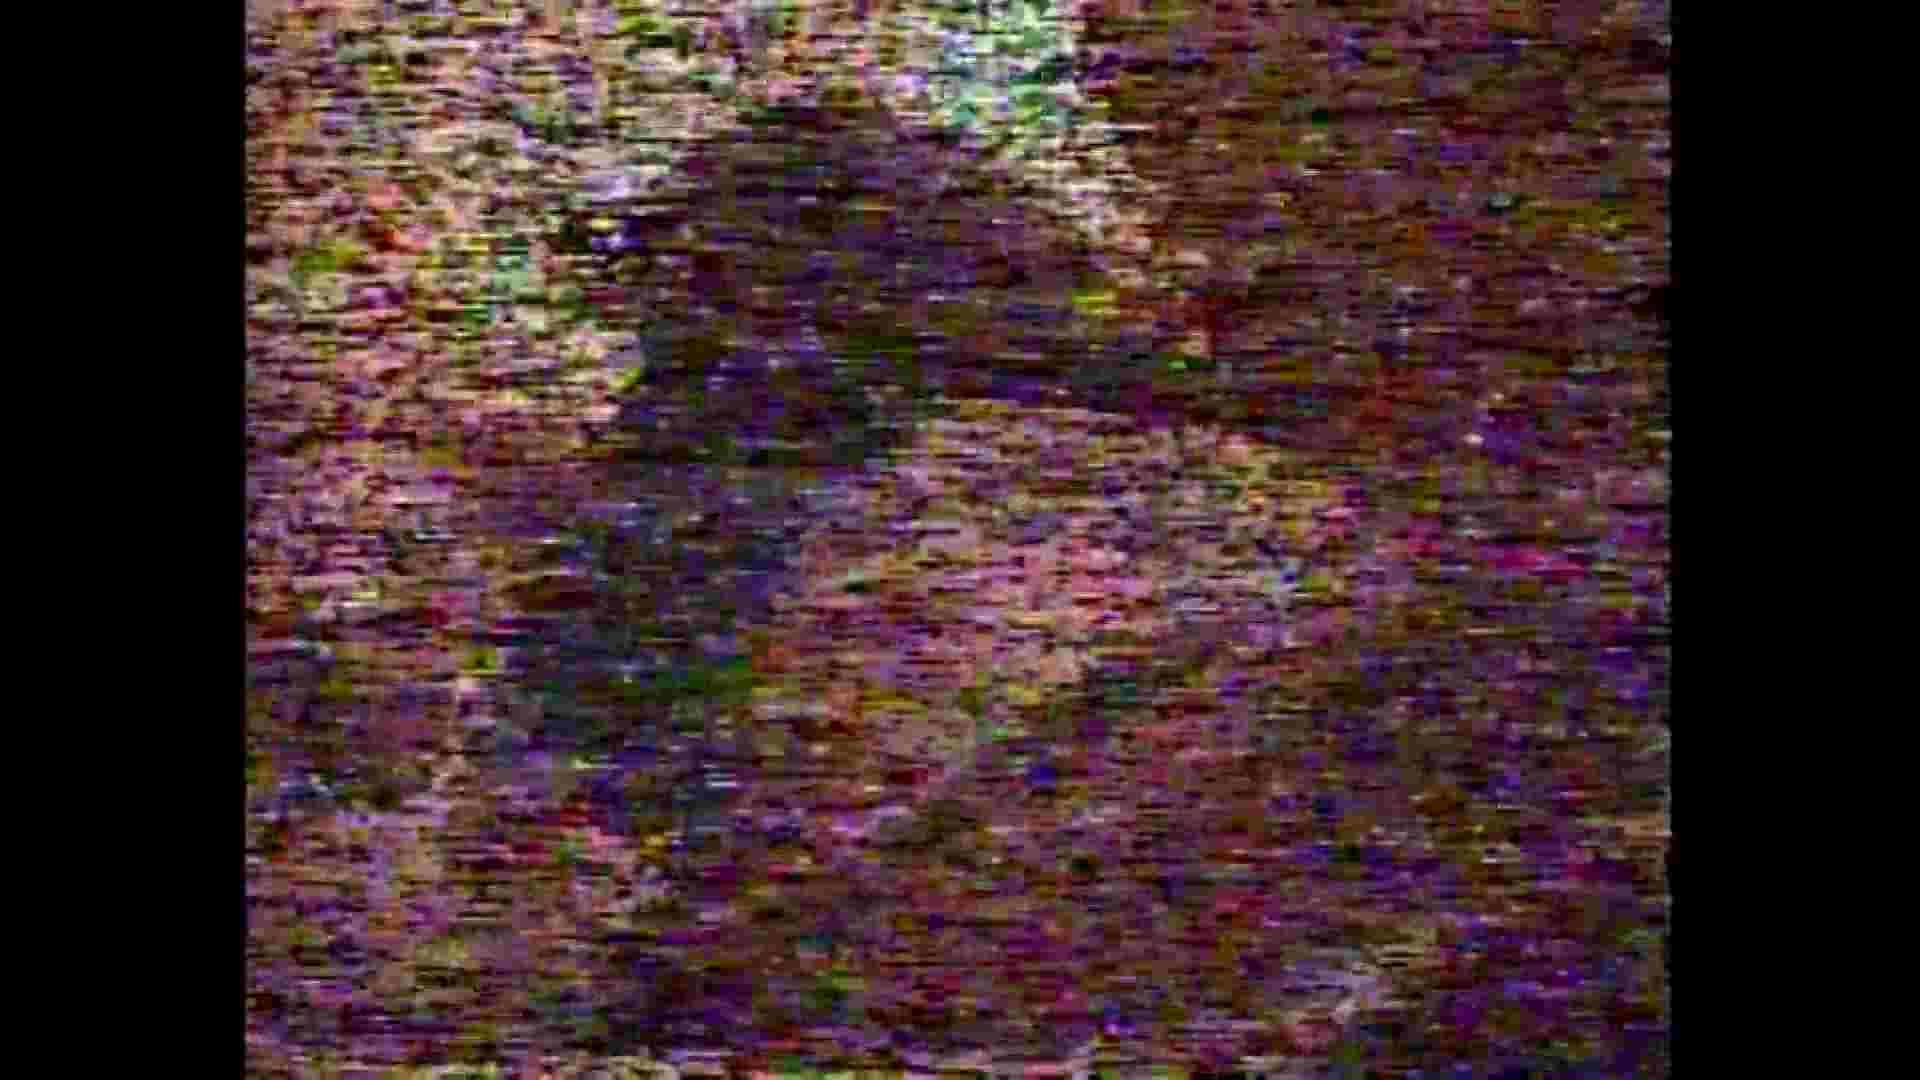 レース場での秘め事 Vol.05 盛合せ えろ無修正画像 97画像 68